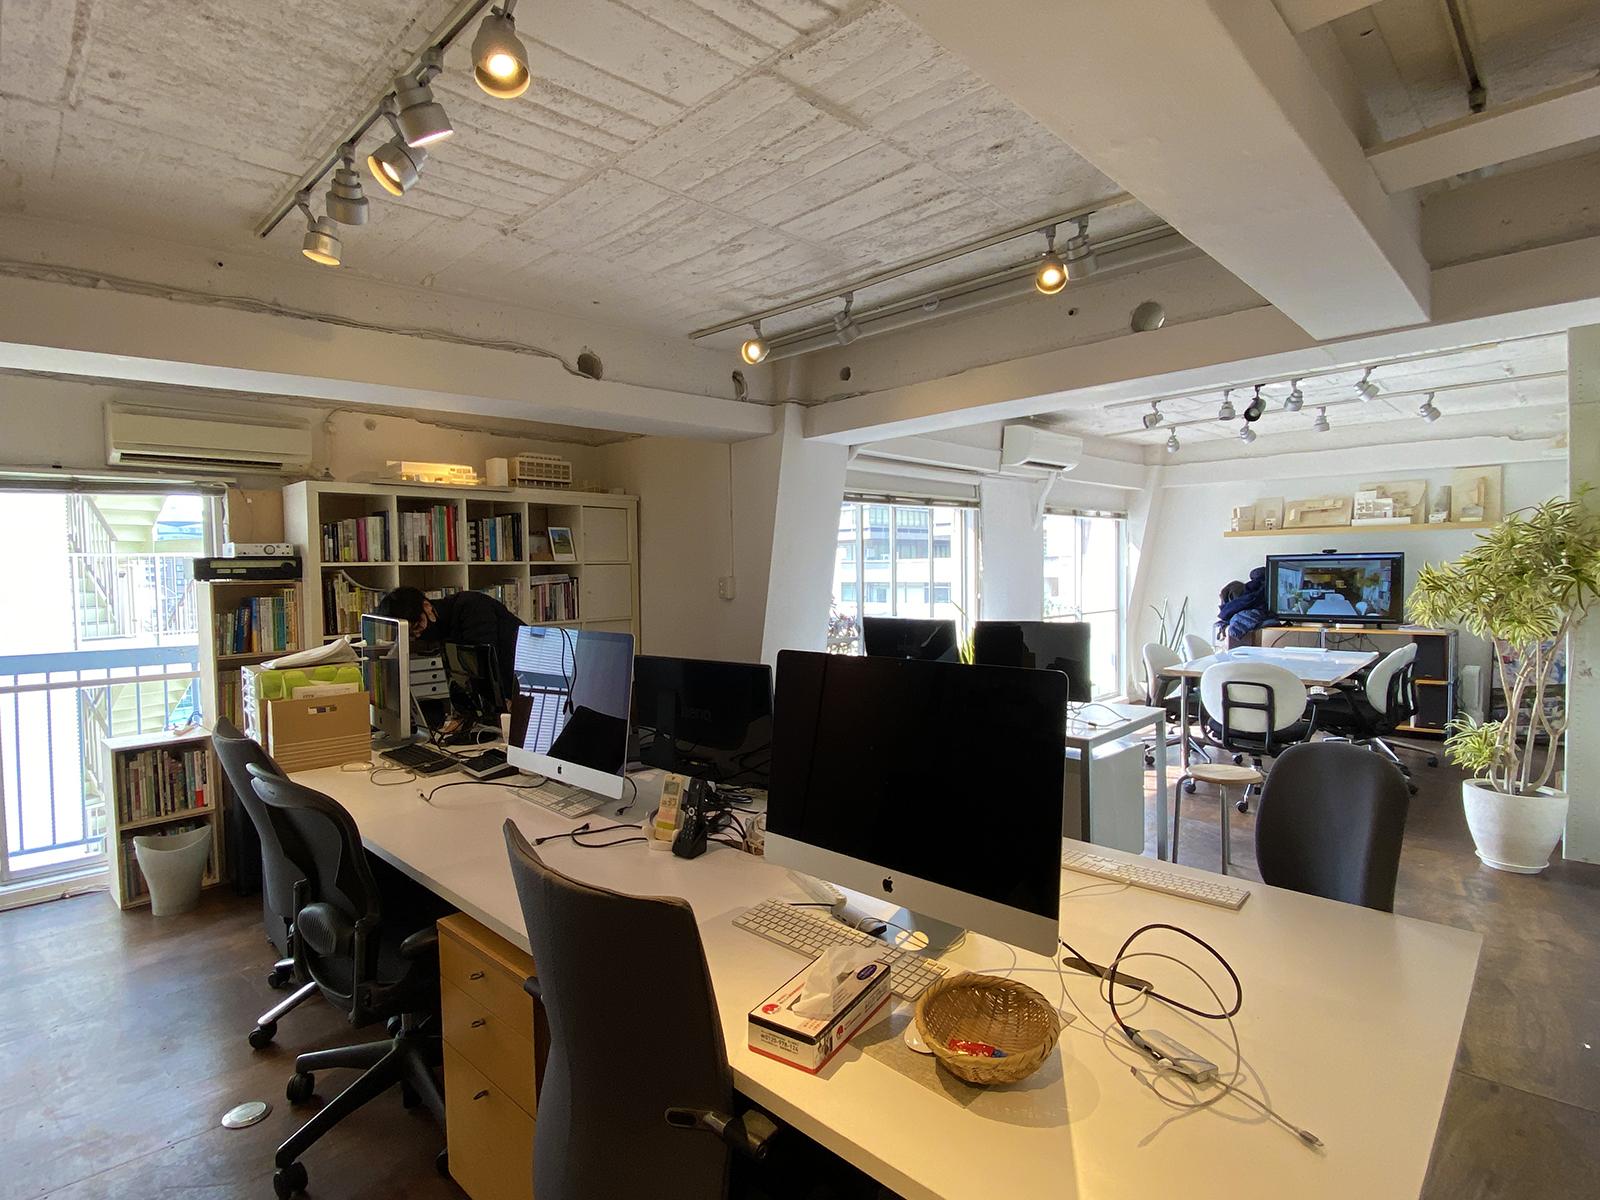 最近オフィスを広くフレキシブルに使うためにフリーアドレス化しました